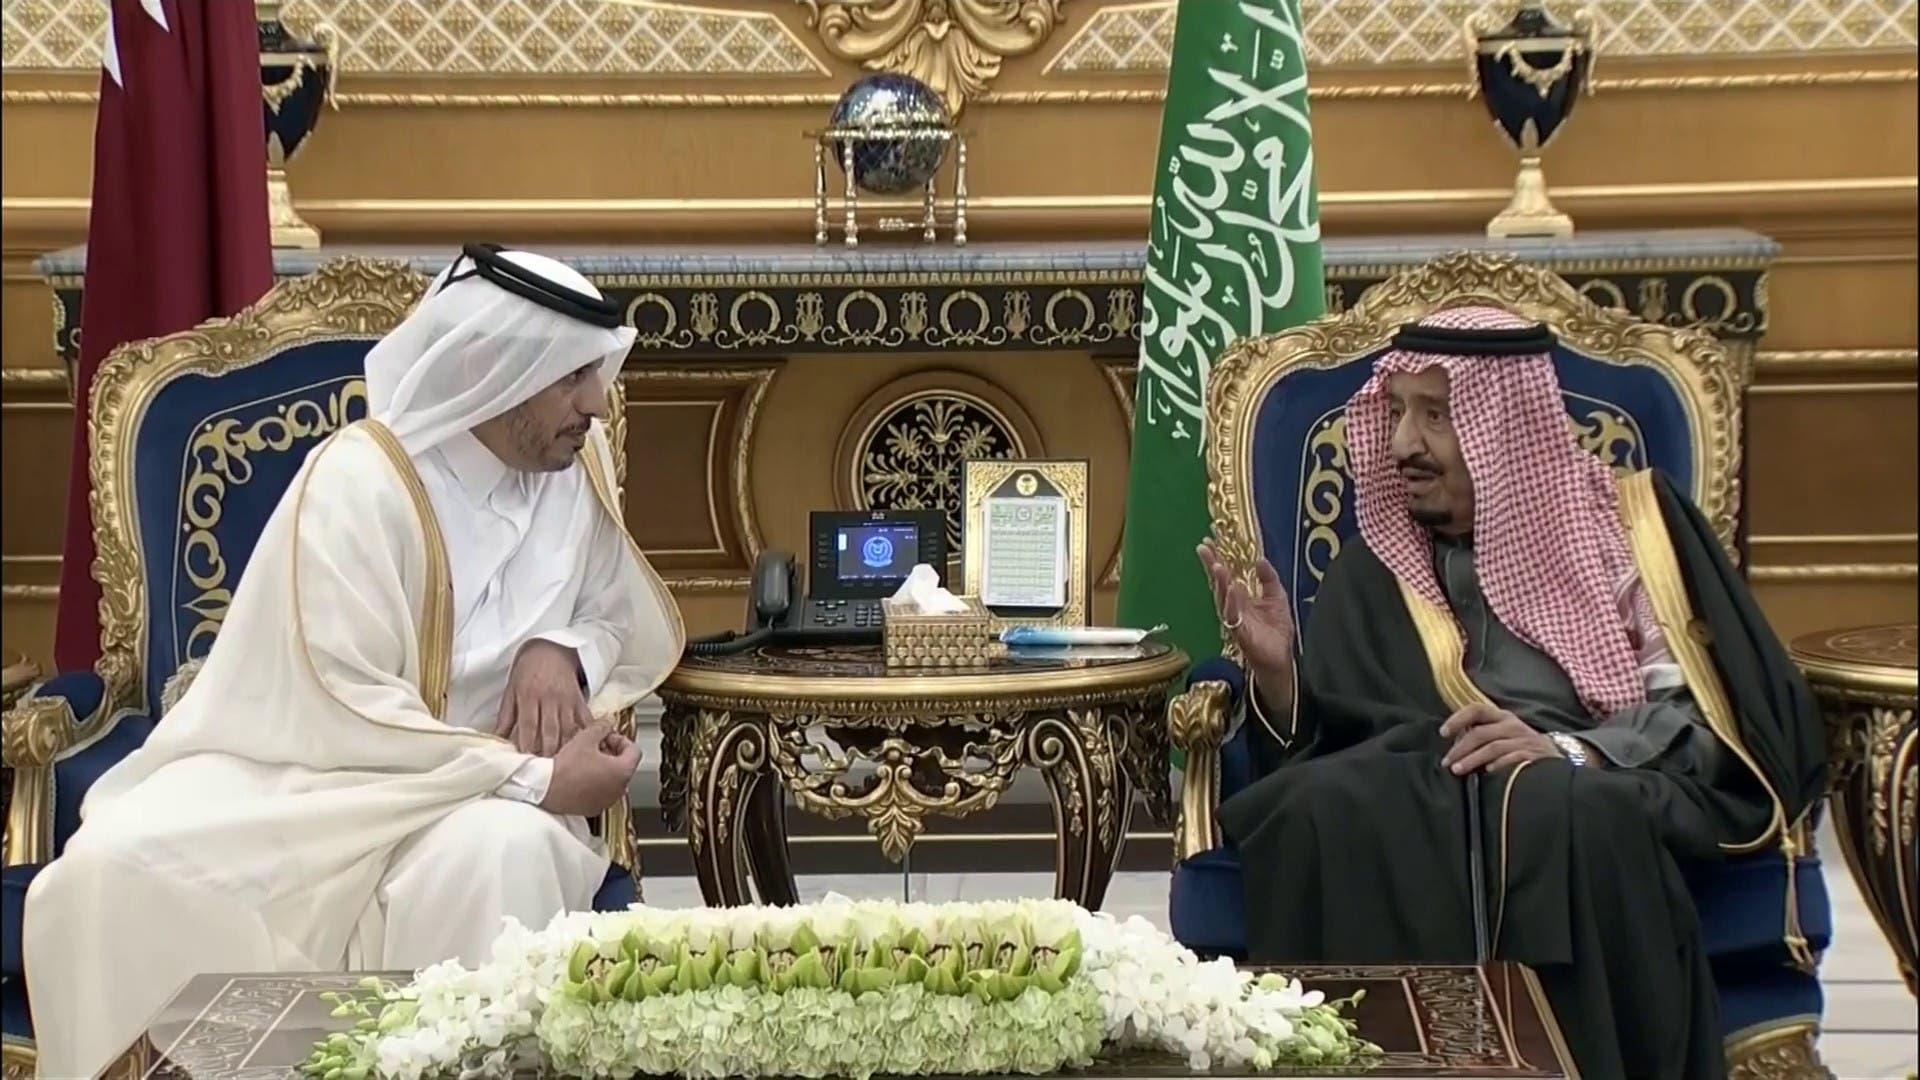 الملك سلمان يستقبل رئيس مجلس الوزراء، وزير الداخلية القطري